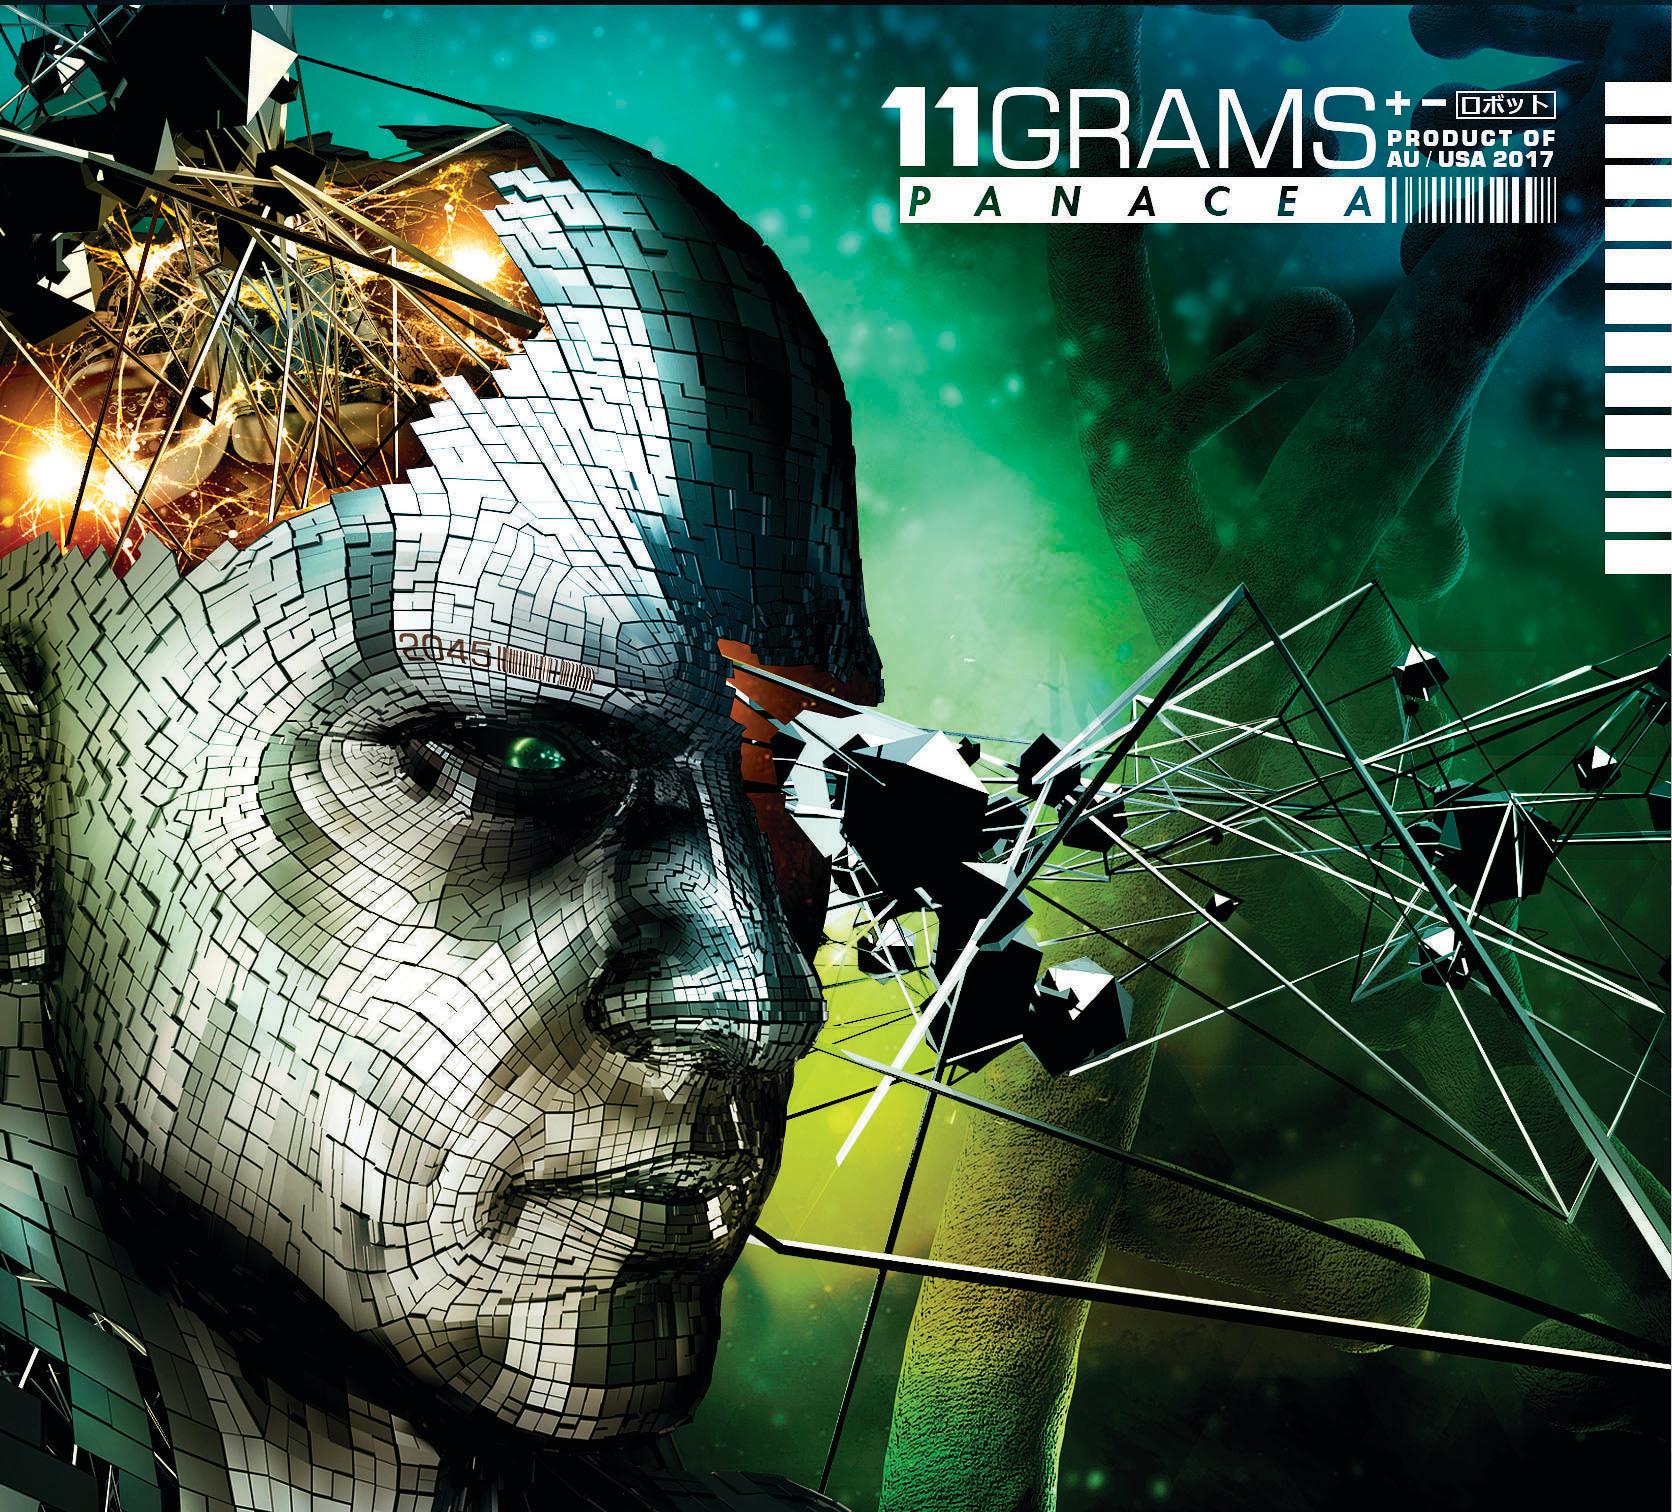 11GRAMS